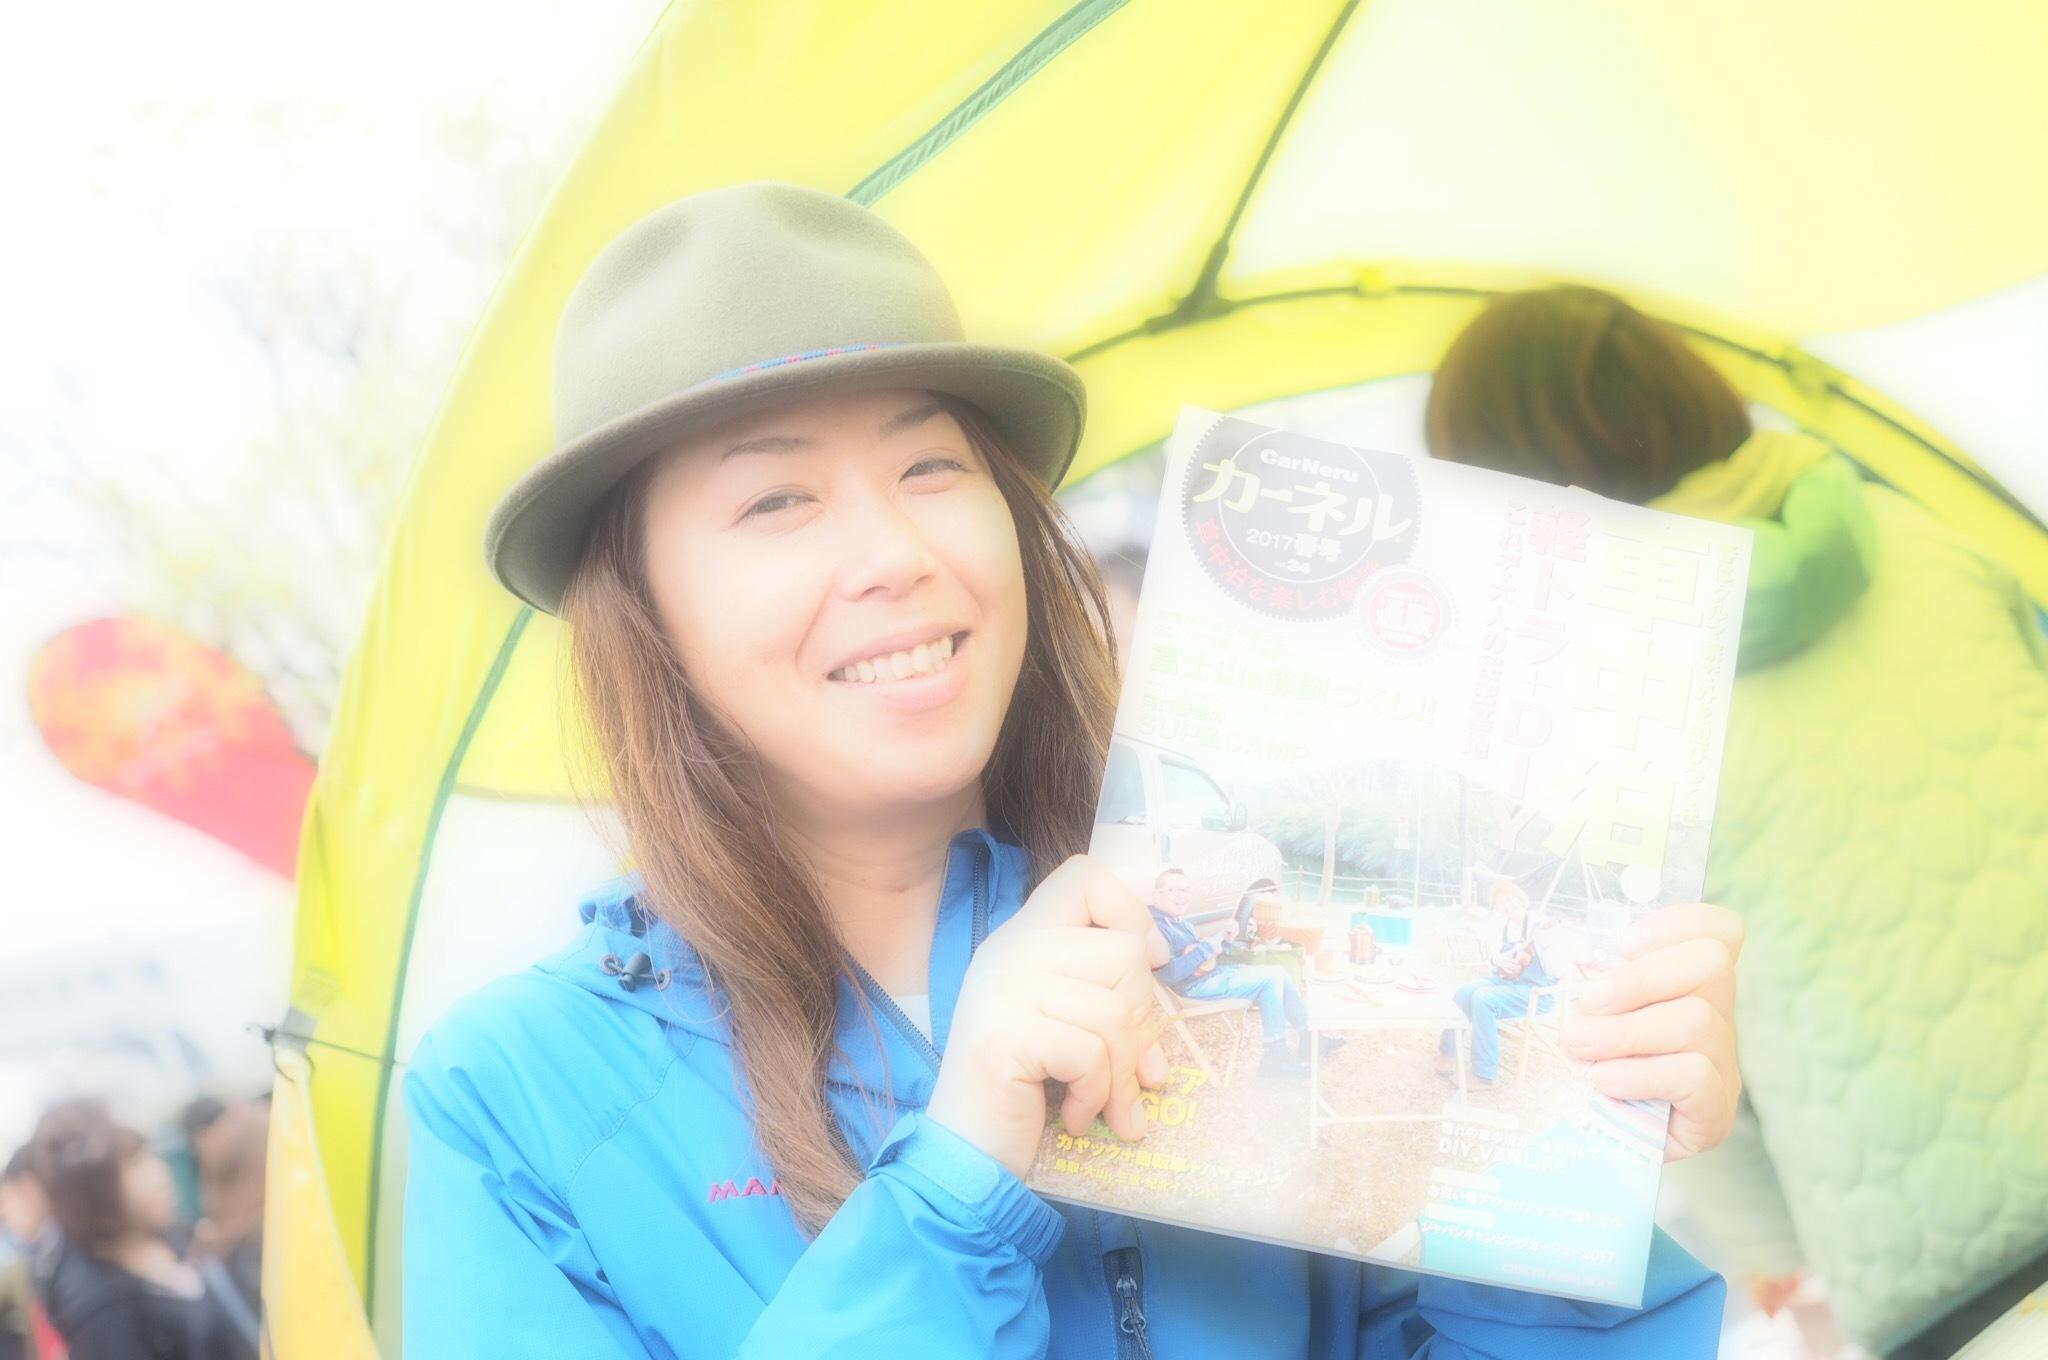 【Photo】アウトドアデイジャパン「笑顔」コレクション!_b0008655_21532849.jpg